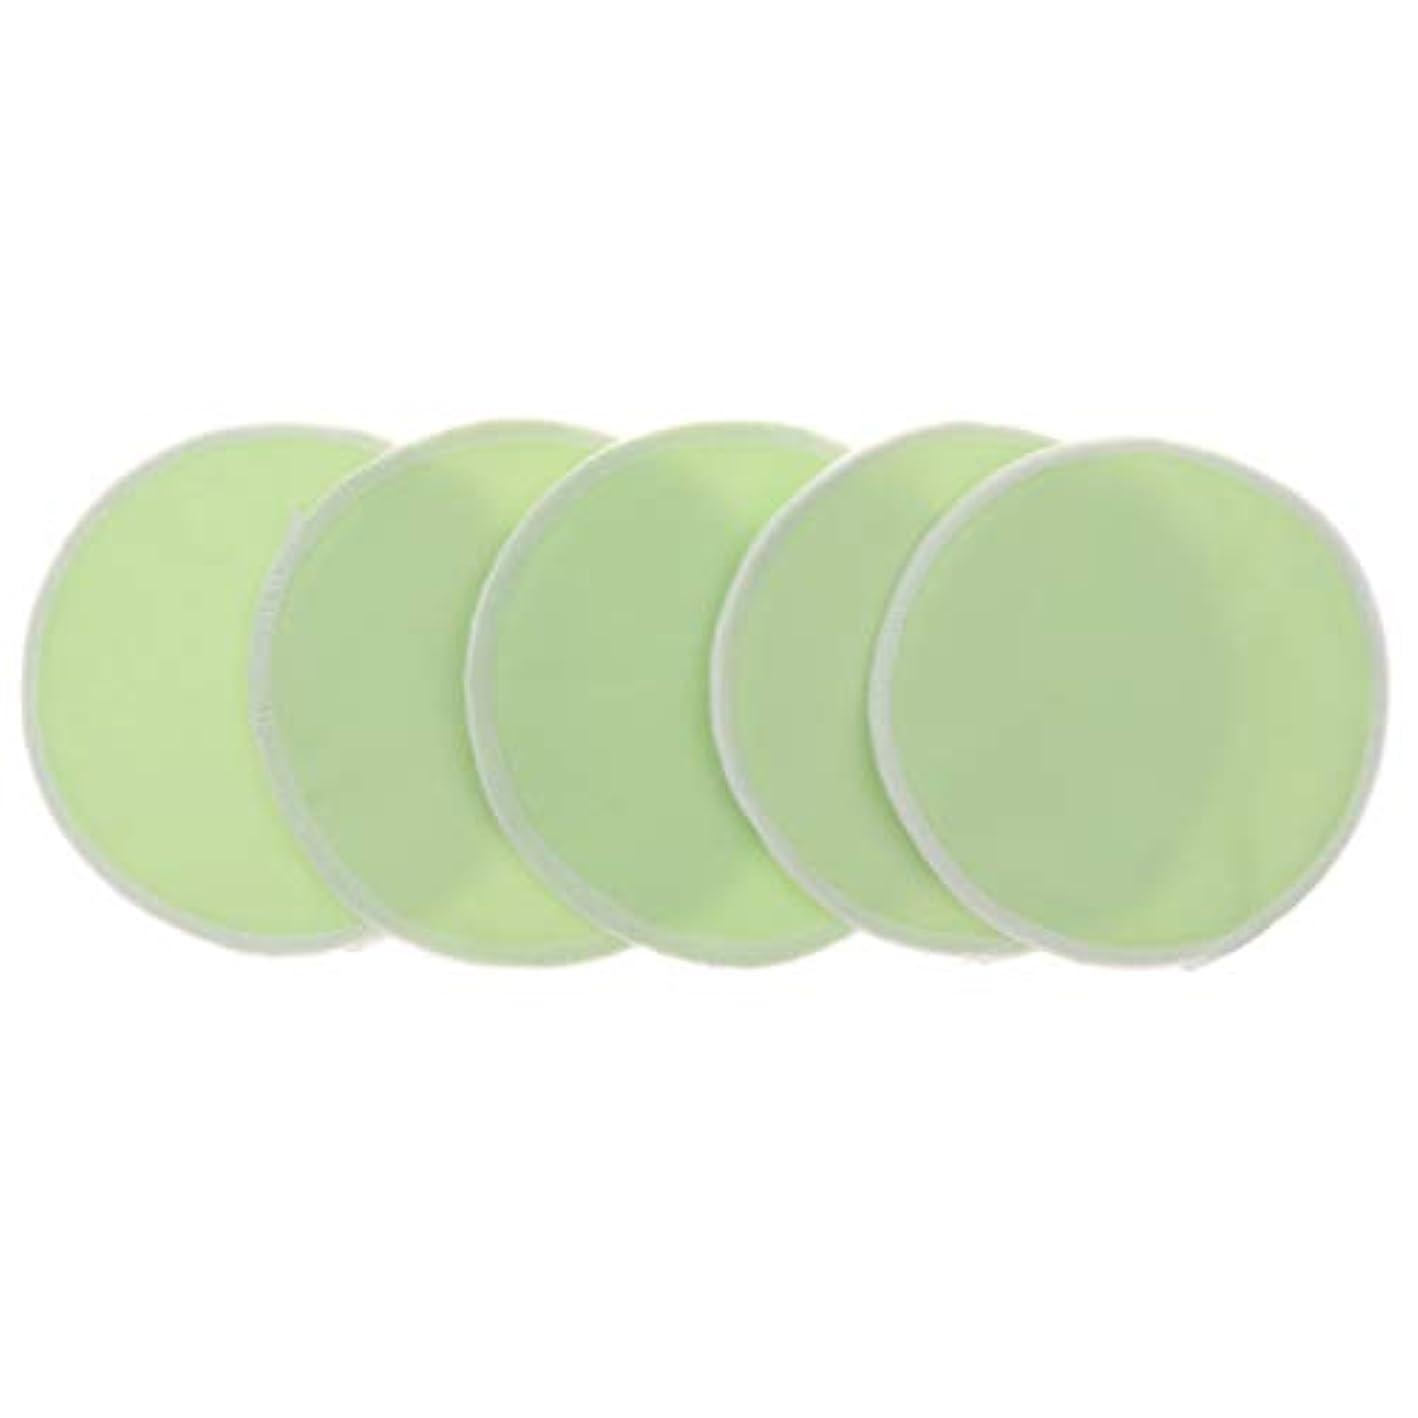 胸パッド クレンジングシート メイクアップ 竹繊維 円形 12cm 洗濯可能 再使用可 5個 全5色 - 緑